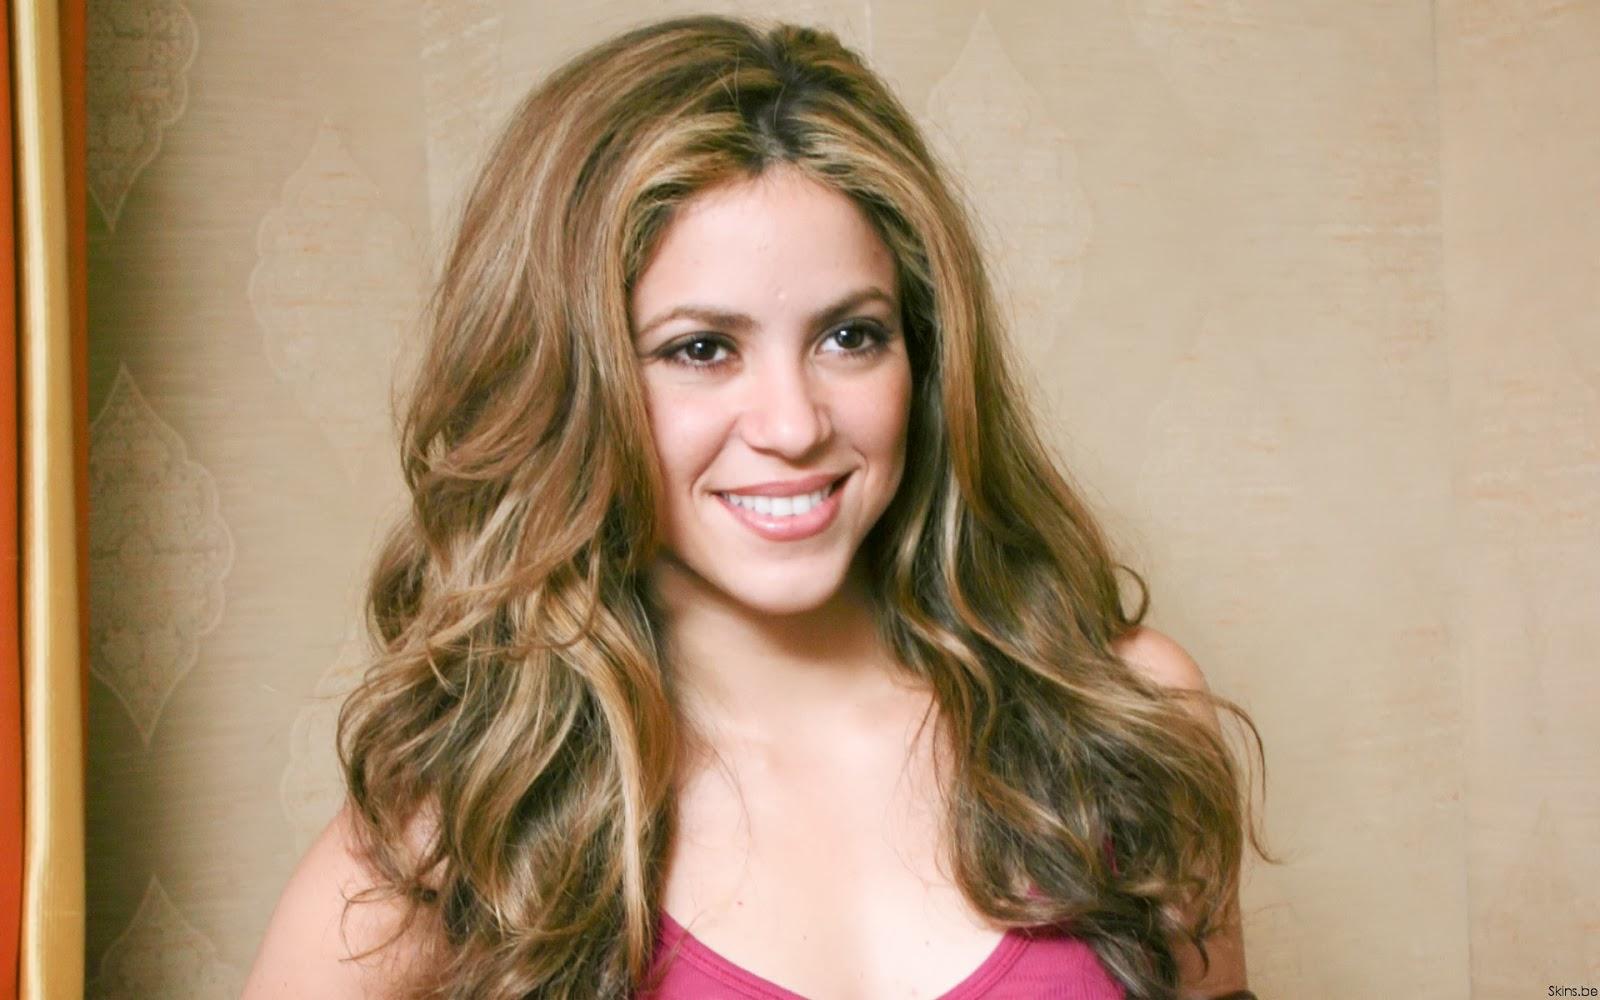 Shakira date of birth